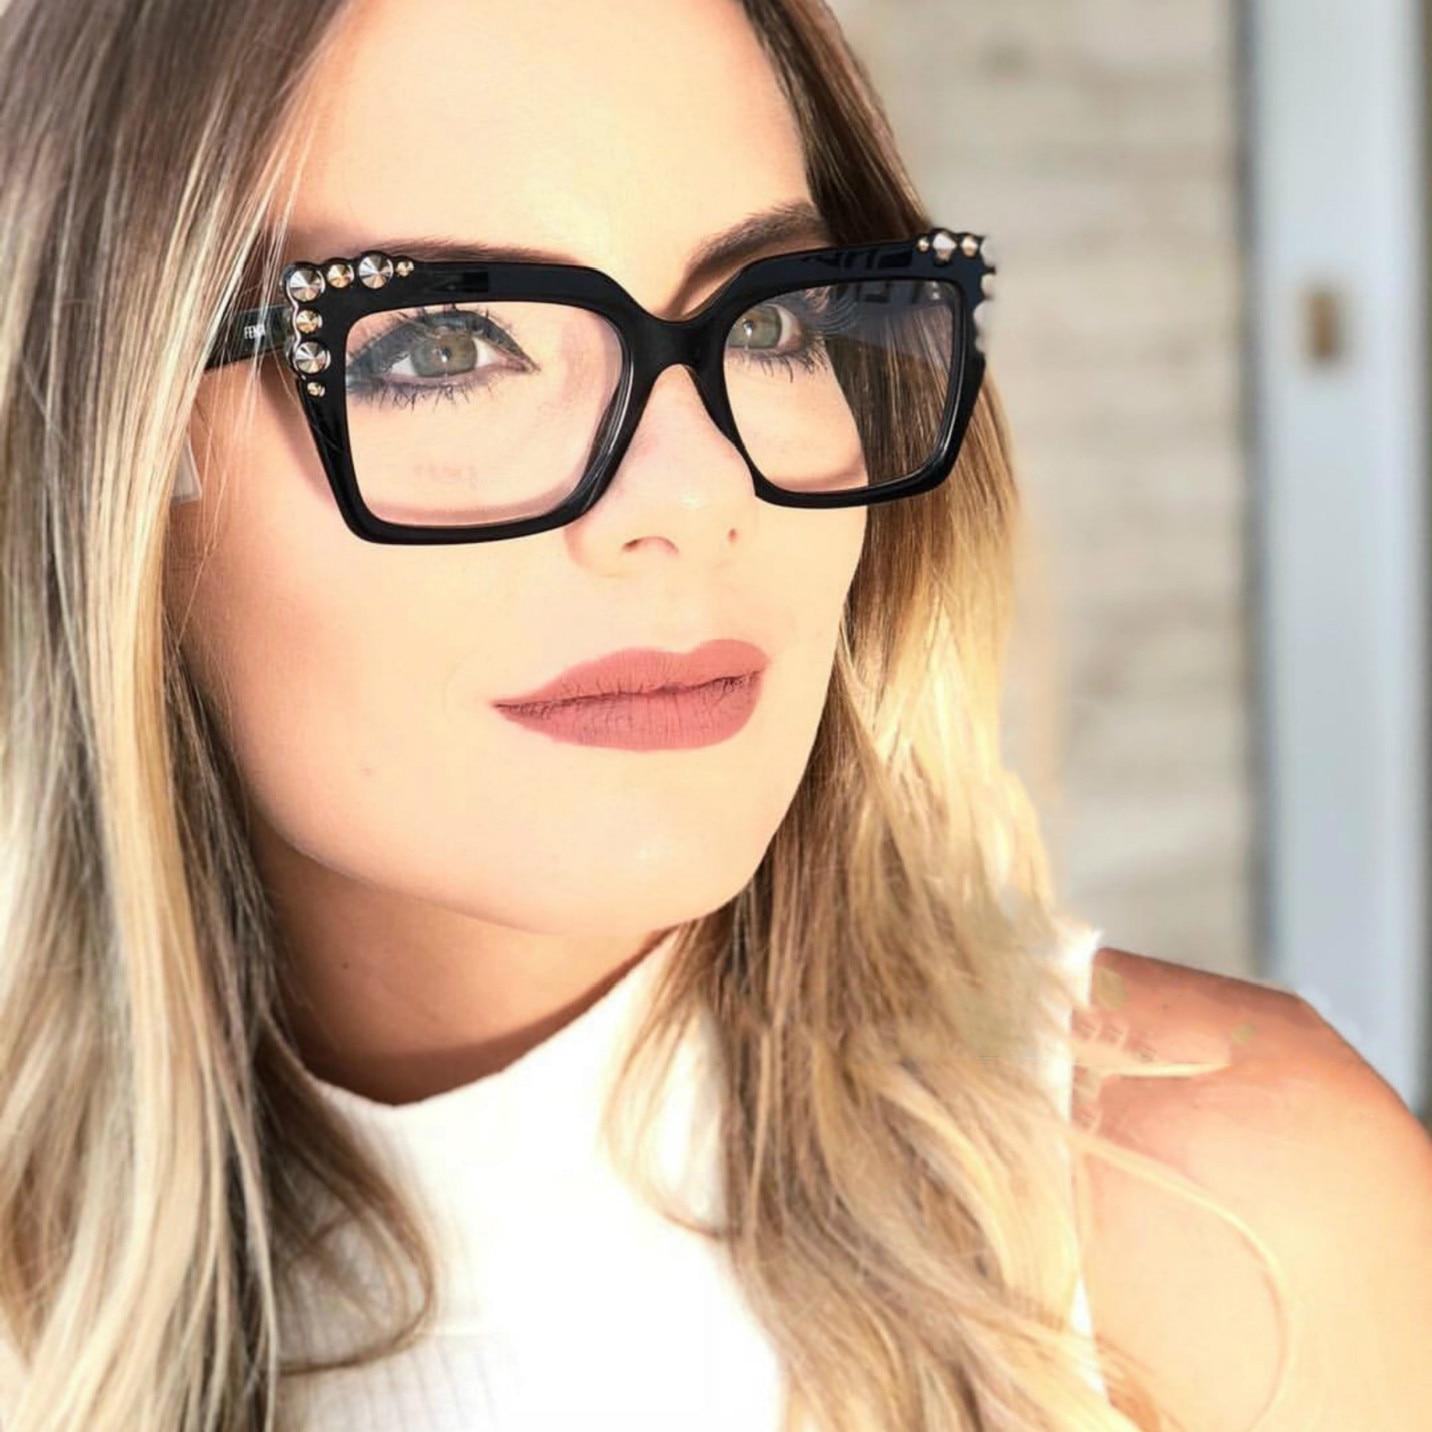 3dfdd8c865025 Cubojue Óculos para As Mulheres com um Quadro Branco Tartaruga Vermelho  Quadrado Decoração Óculos Vintage Frame